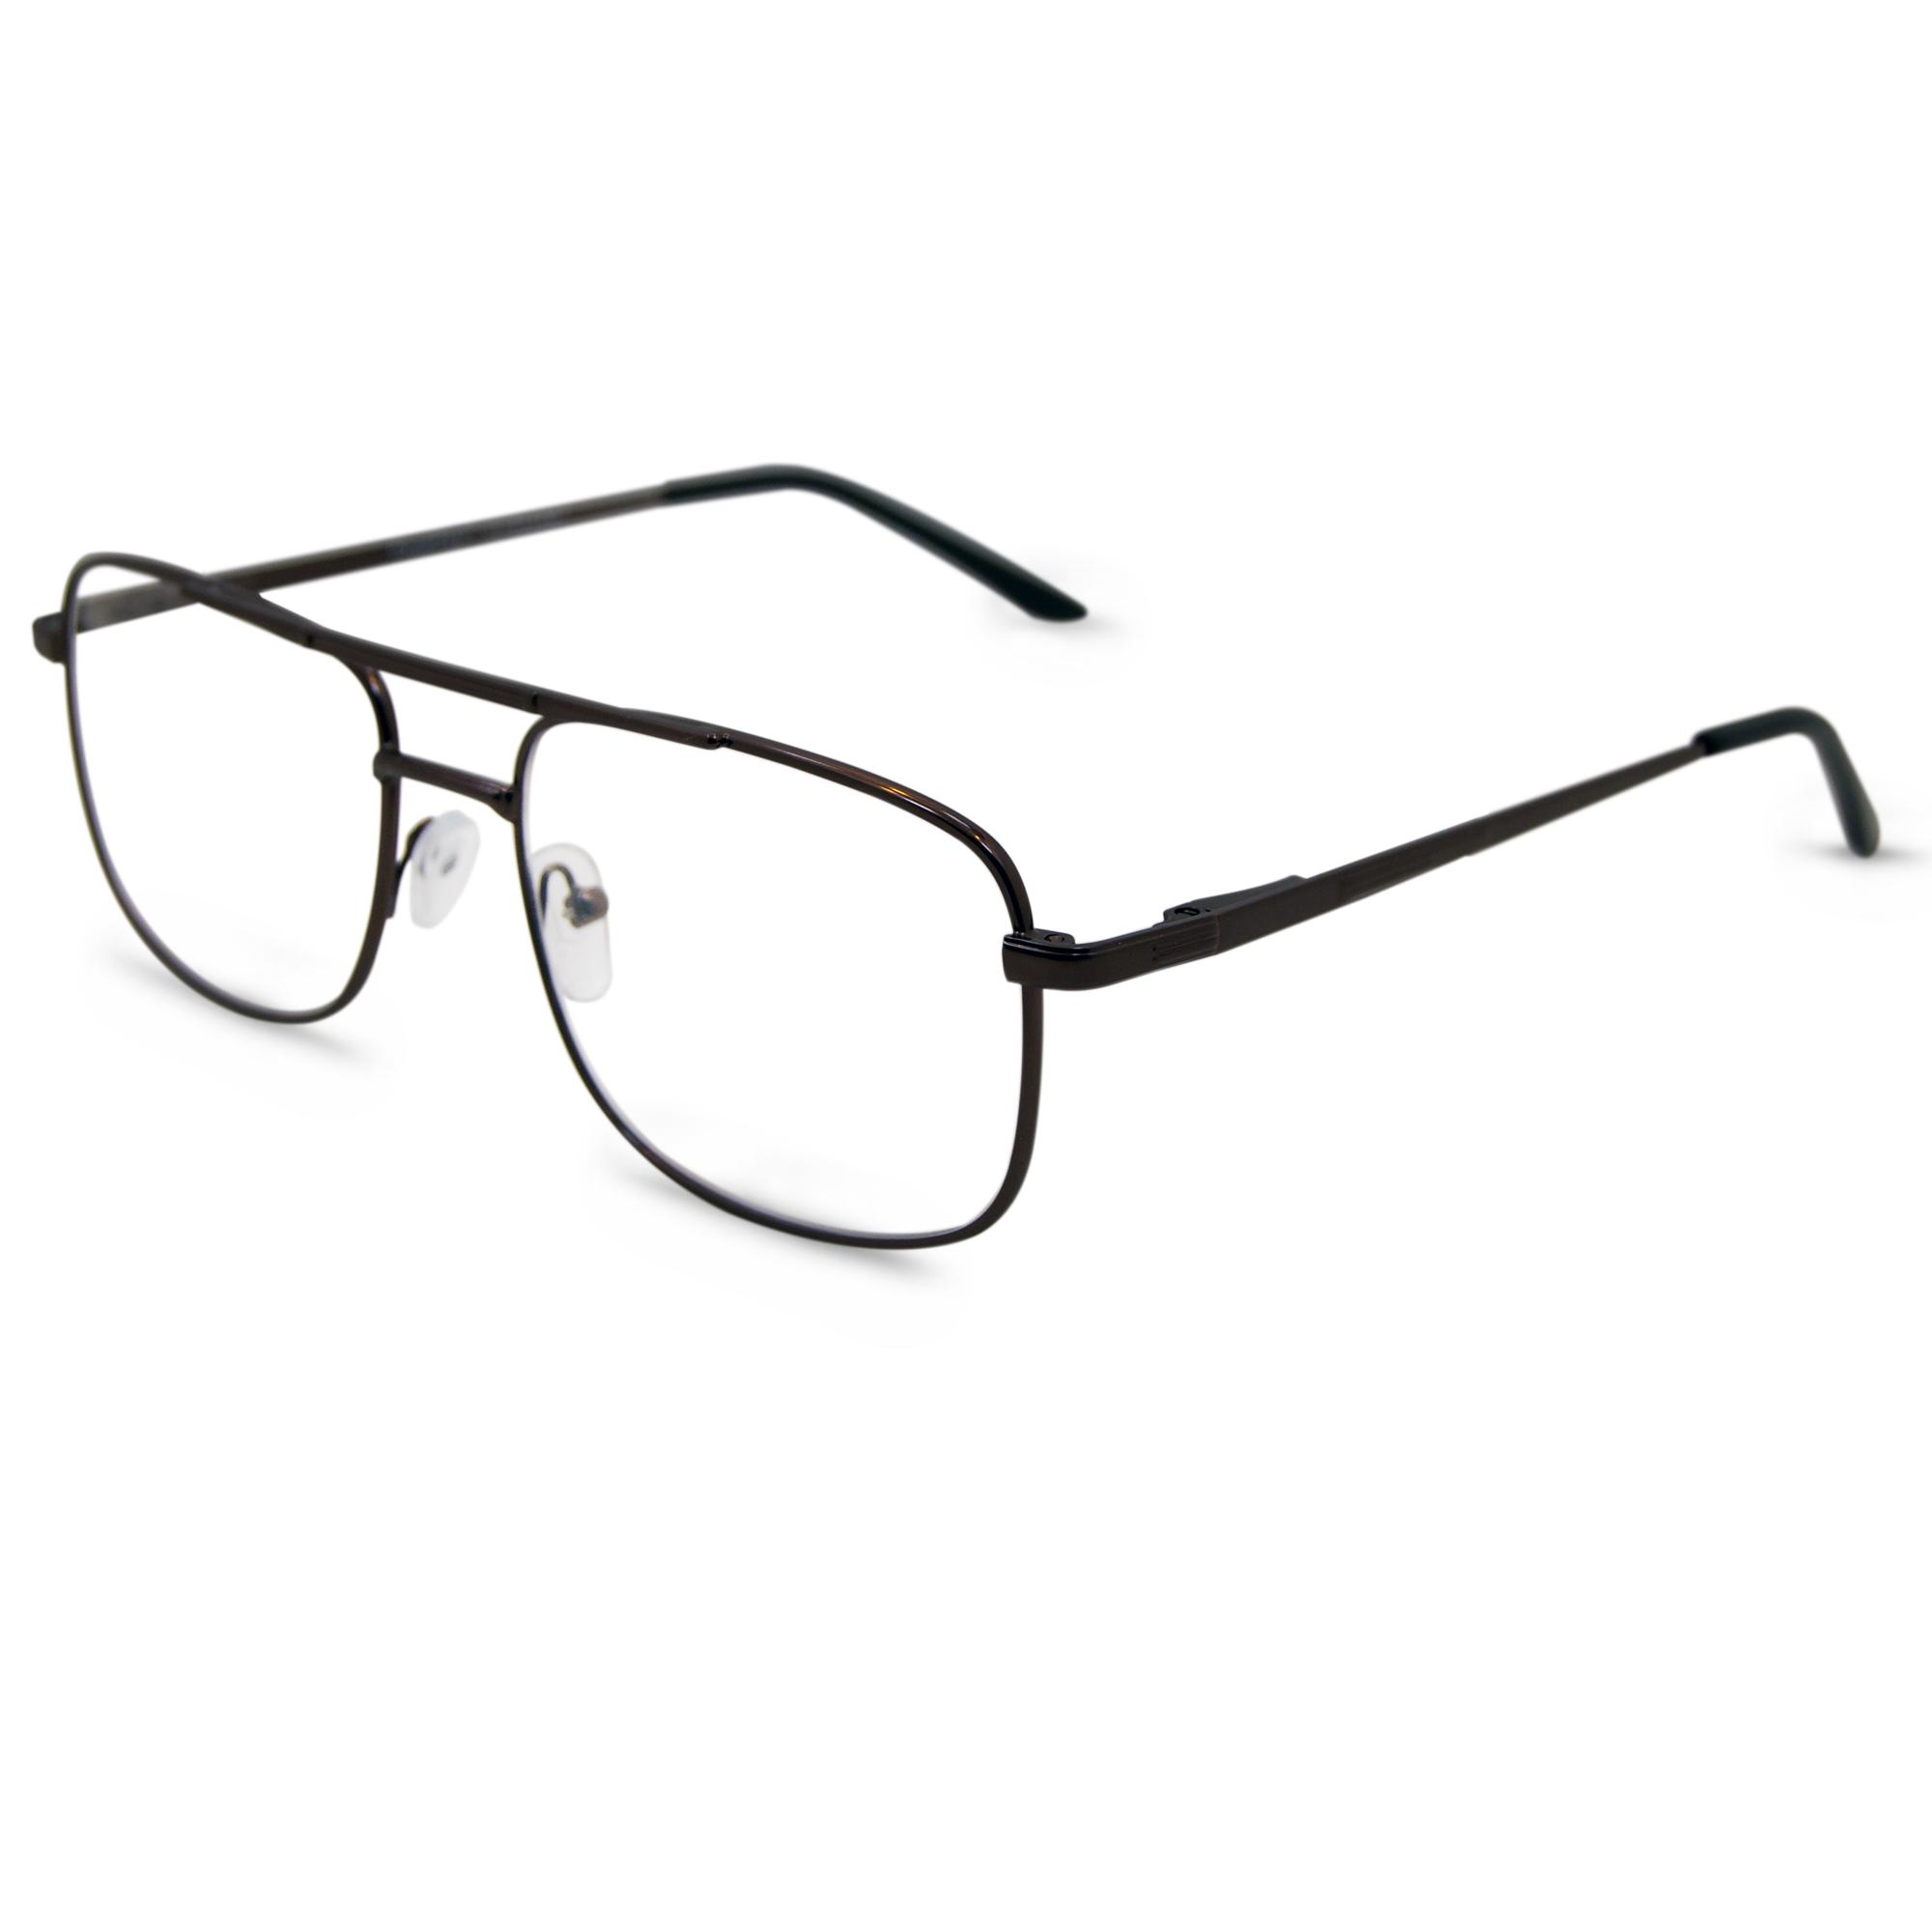 In Style Eyes Savvy Progressive BiFocal Glasses | eBay